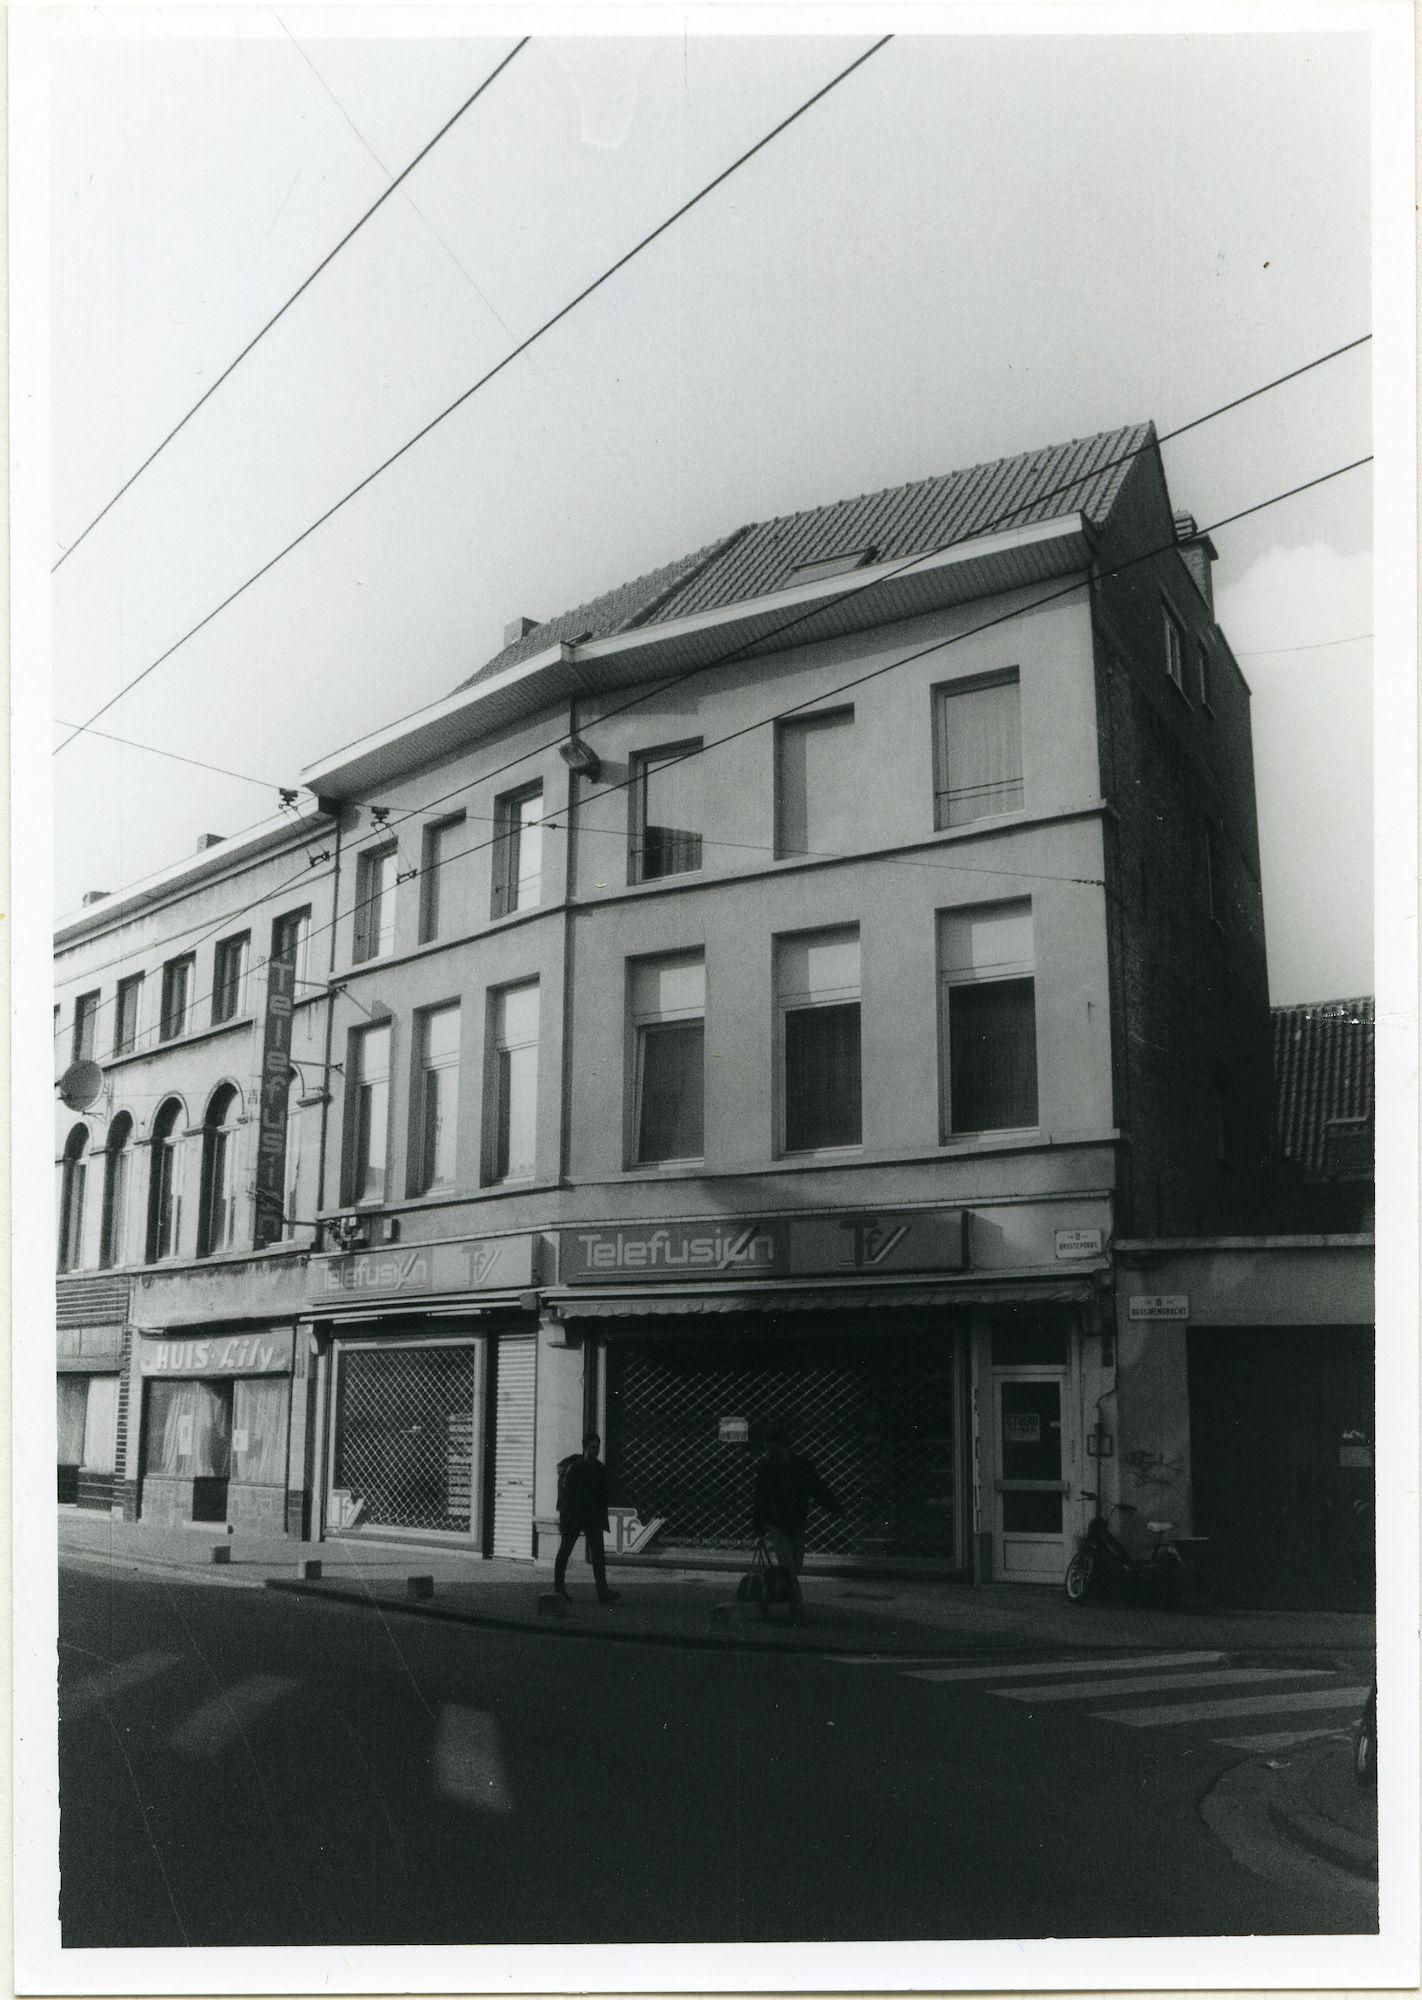 Gent: Brugsepoortstraat